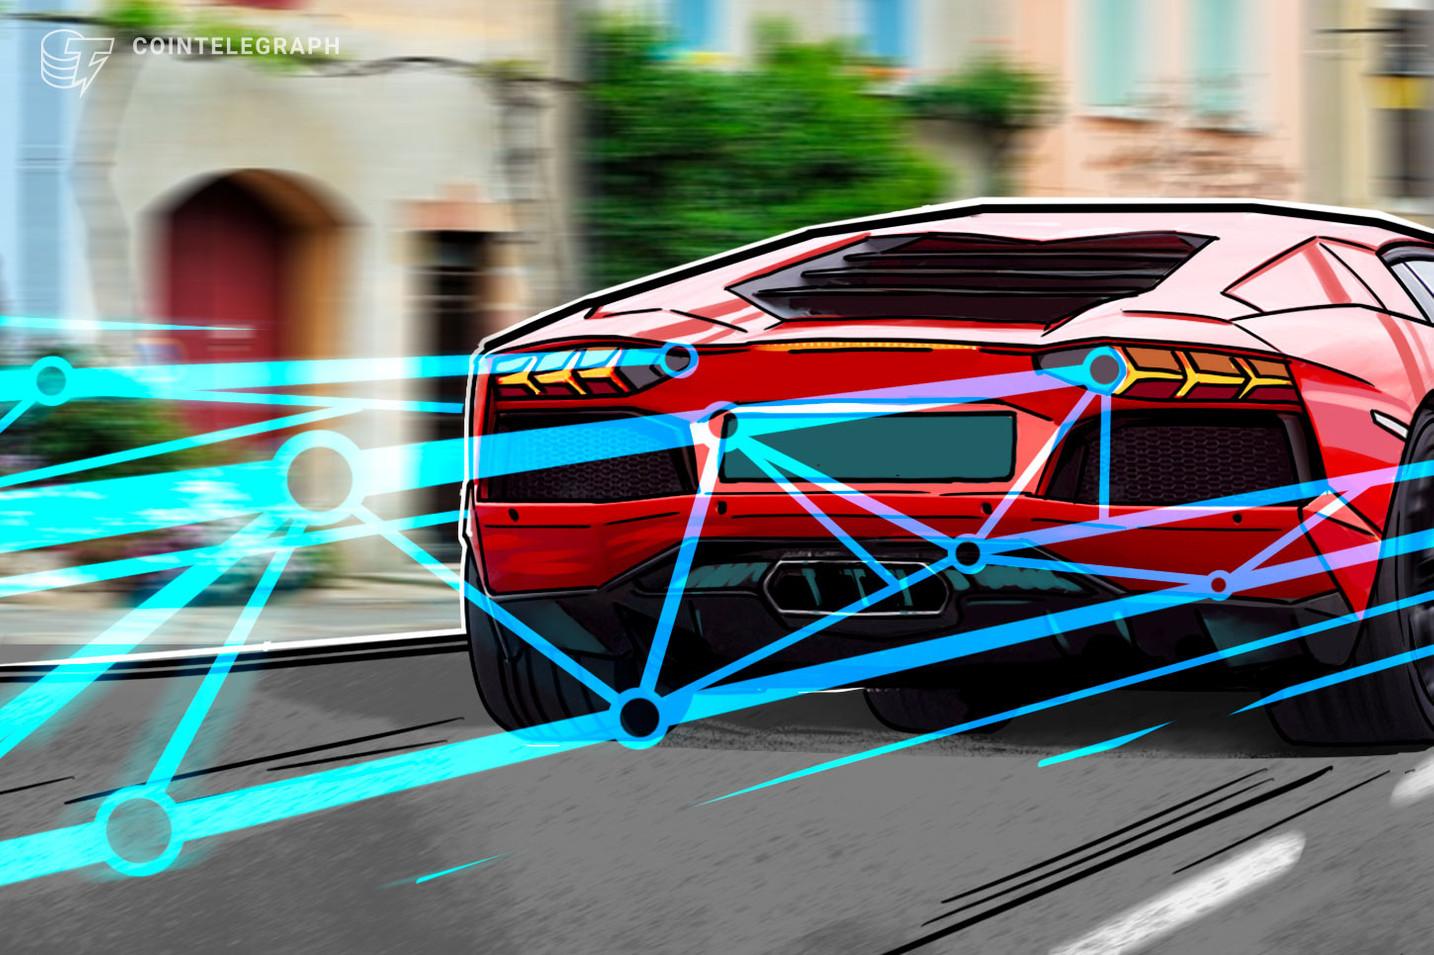 ランボルギーニ、ブロックチェーン基盤のデジタルスタンプ集を発表